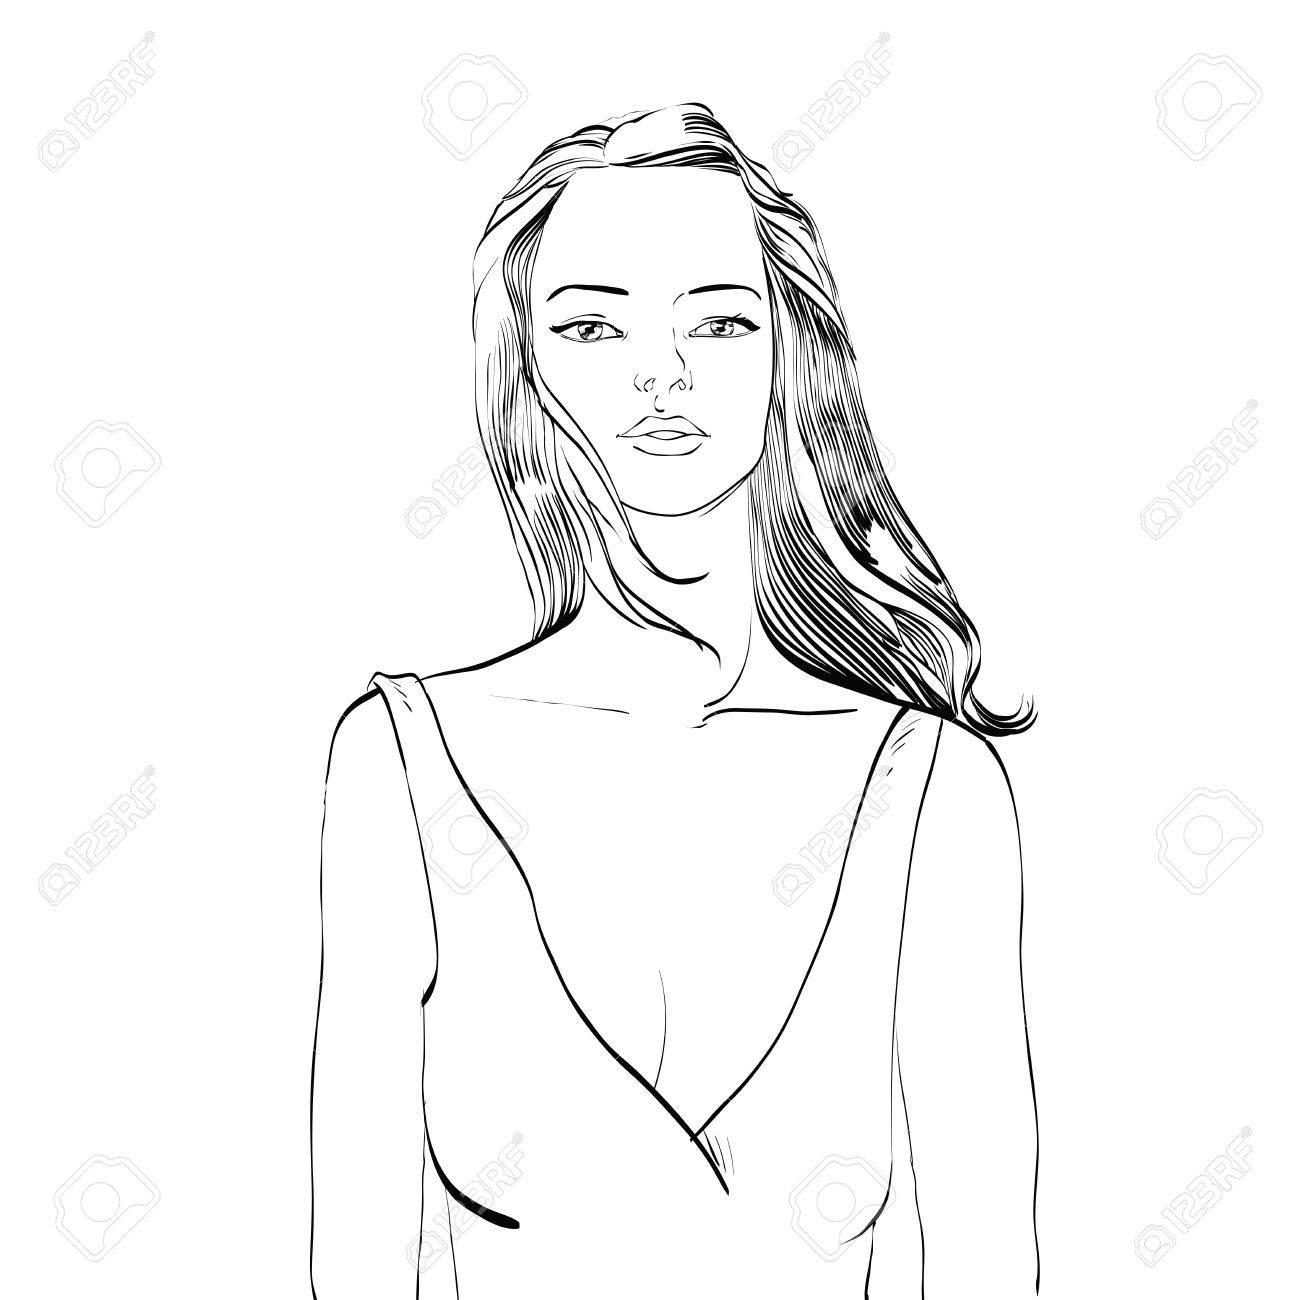 Jeune Femme En Maillot De Bain Mains De Dessin Noir Et Blanc Dessiné Illustration Vectorielle